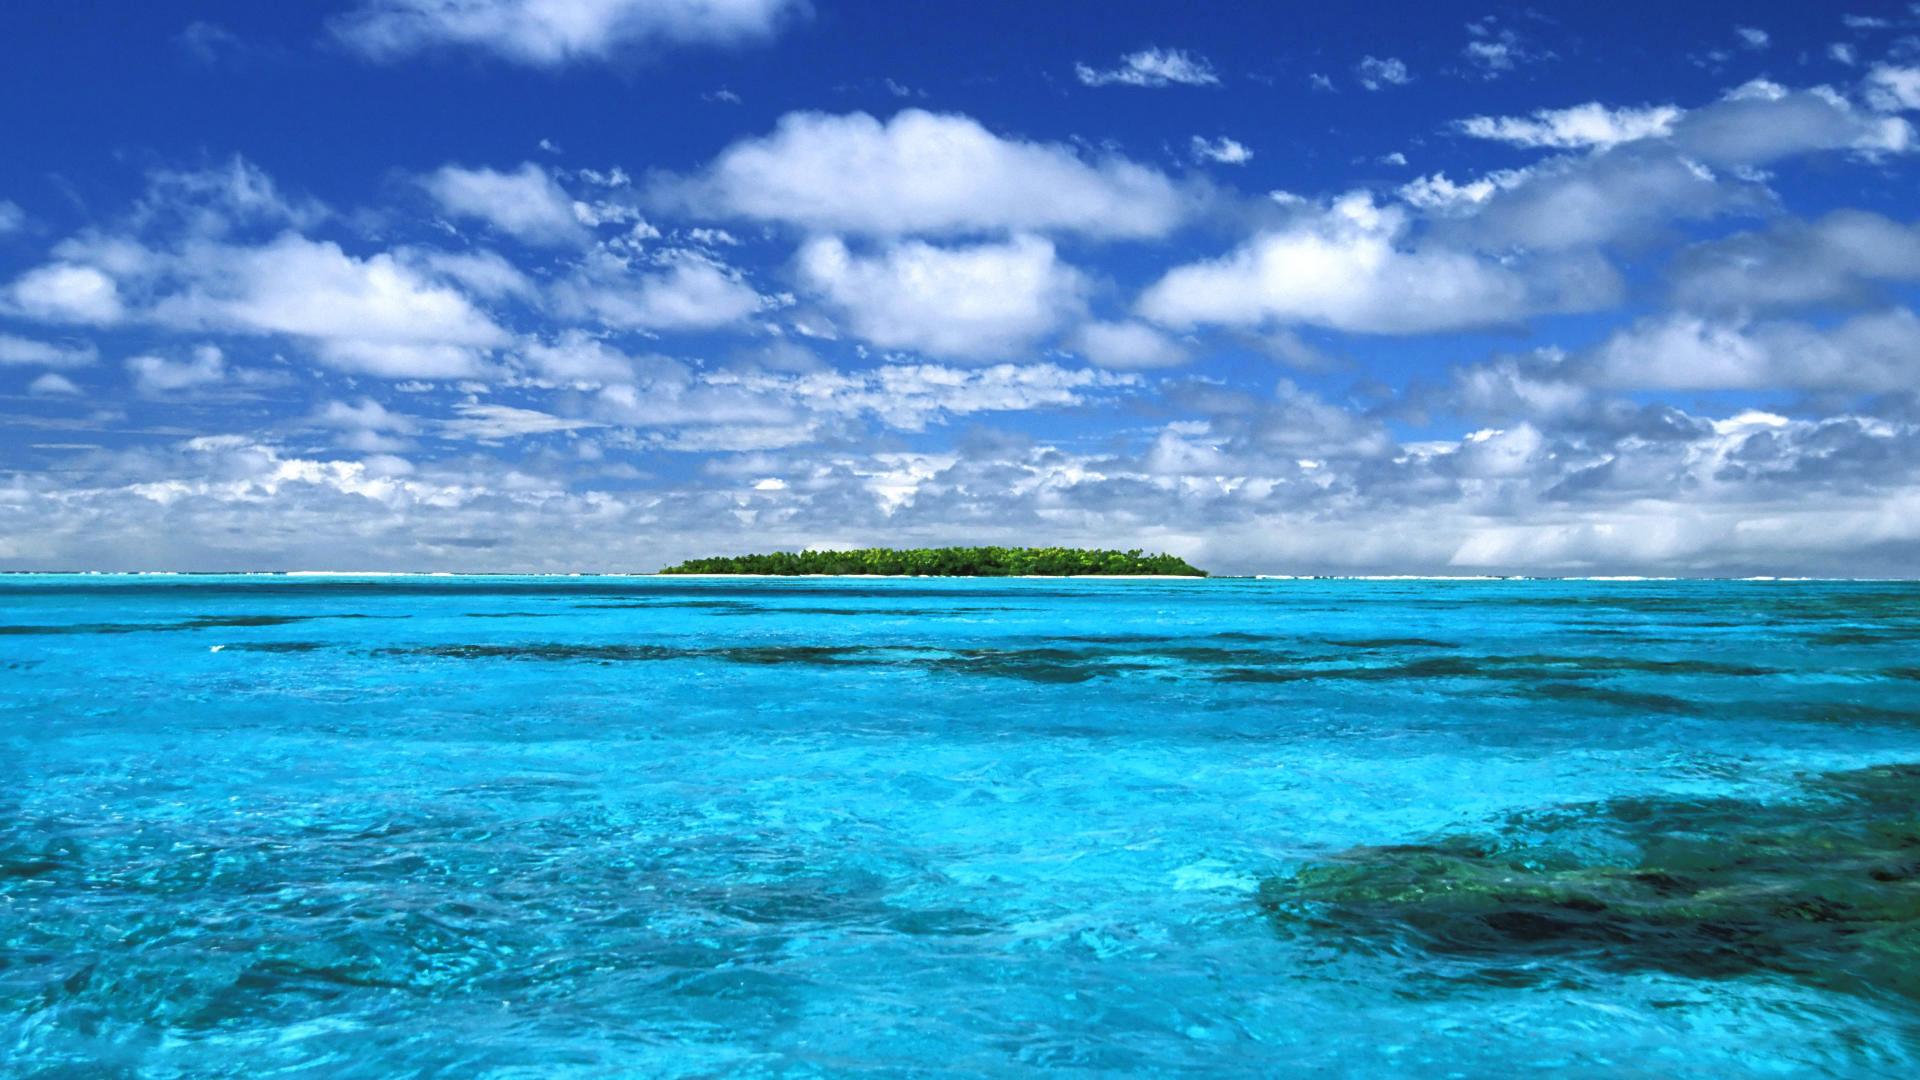 Phi Phi Island Beach Desktop Wallpaper – HD Wallpapers